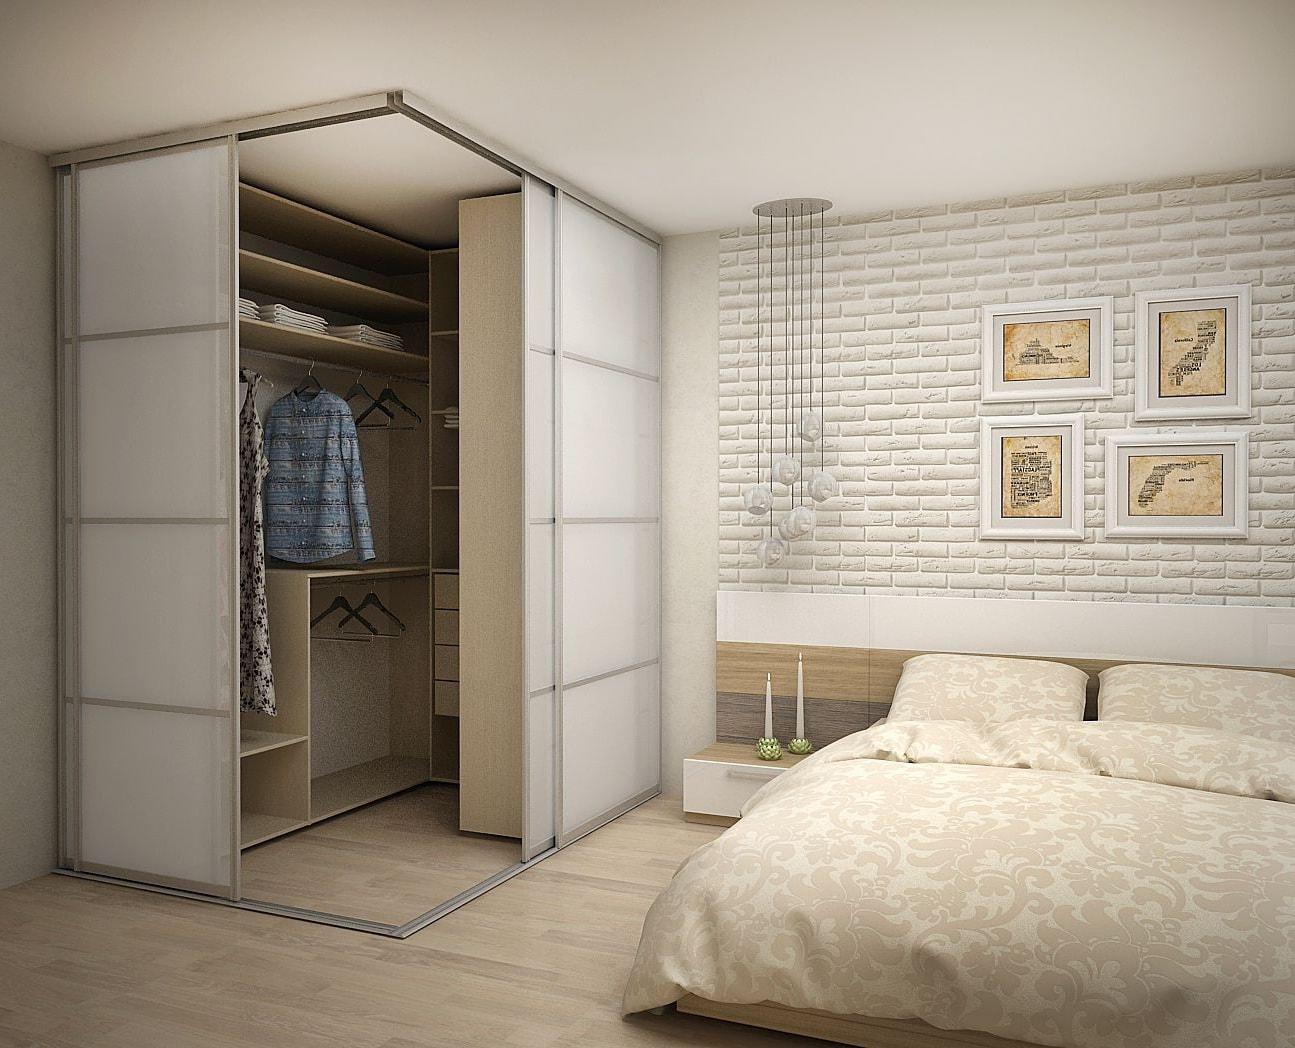 Декоративный кирпич на стене - практичный и современный вид декорирования стен